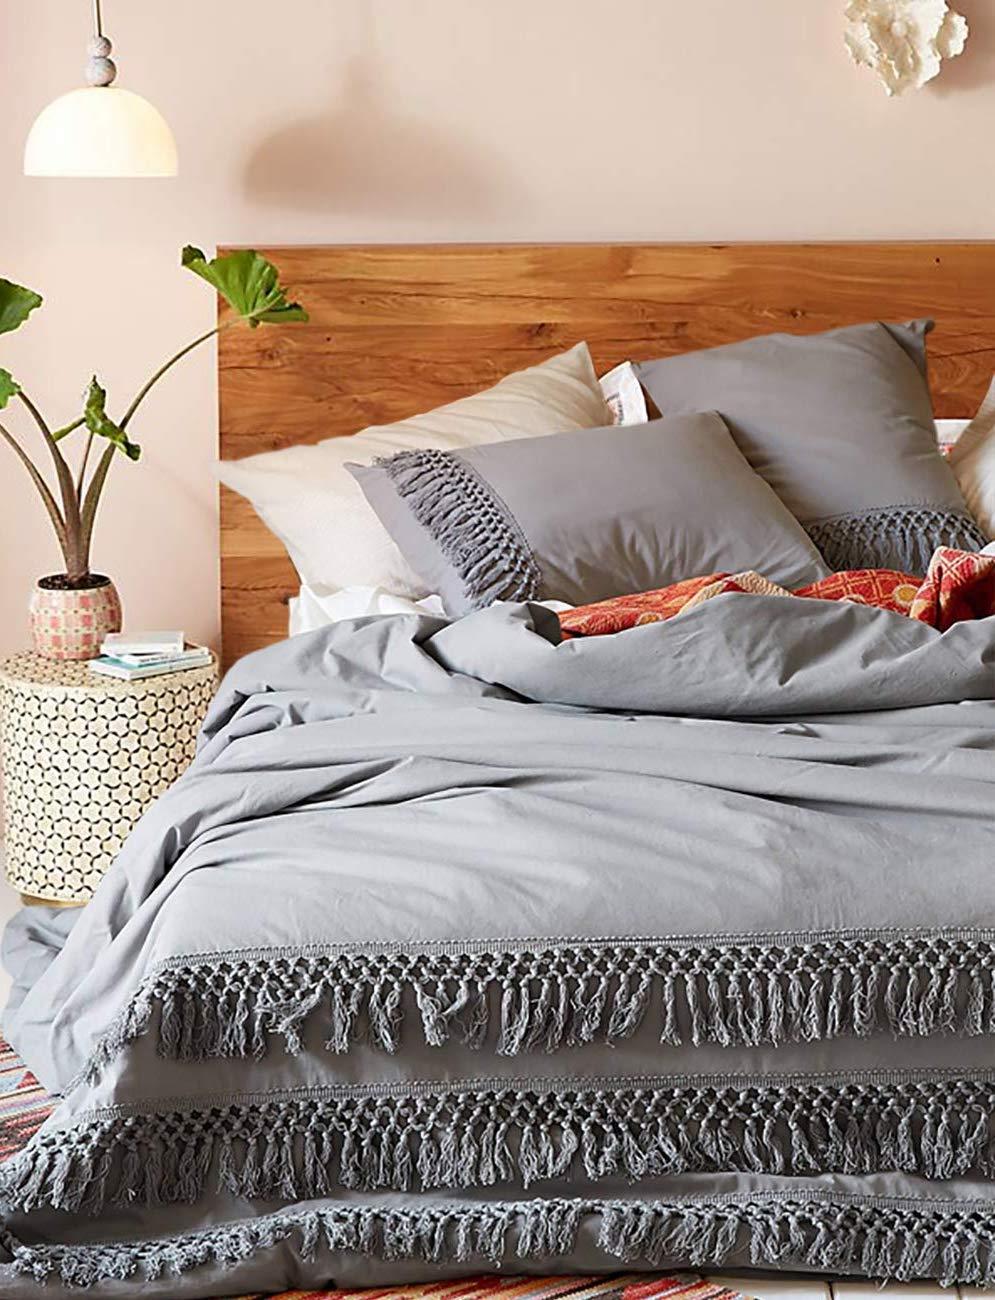 Flber Boho Tassel Duvet Cover King Cotton Bedding Grey,96in x104in